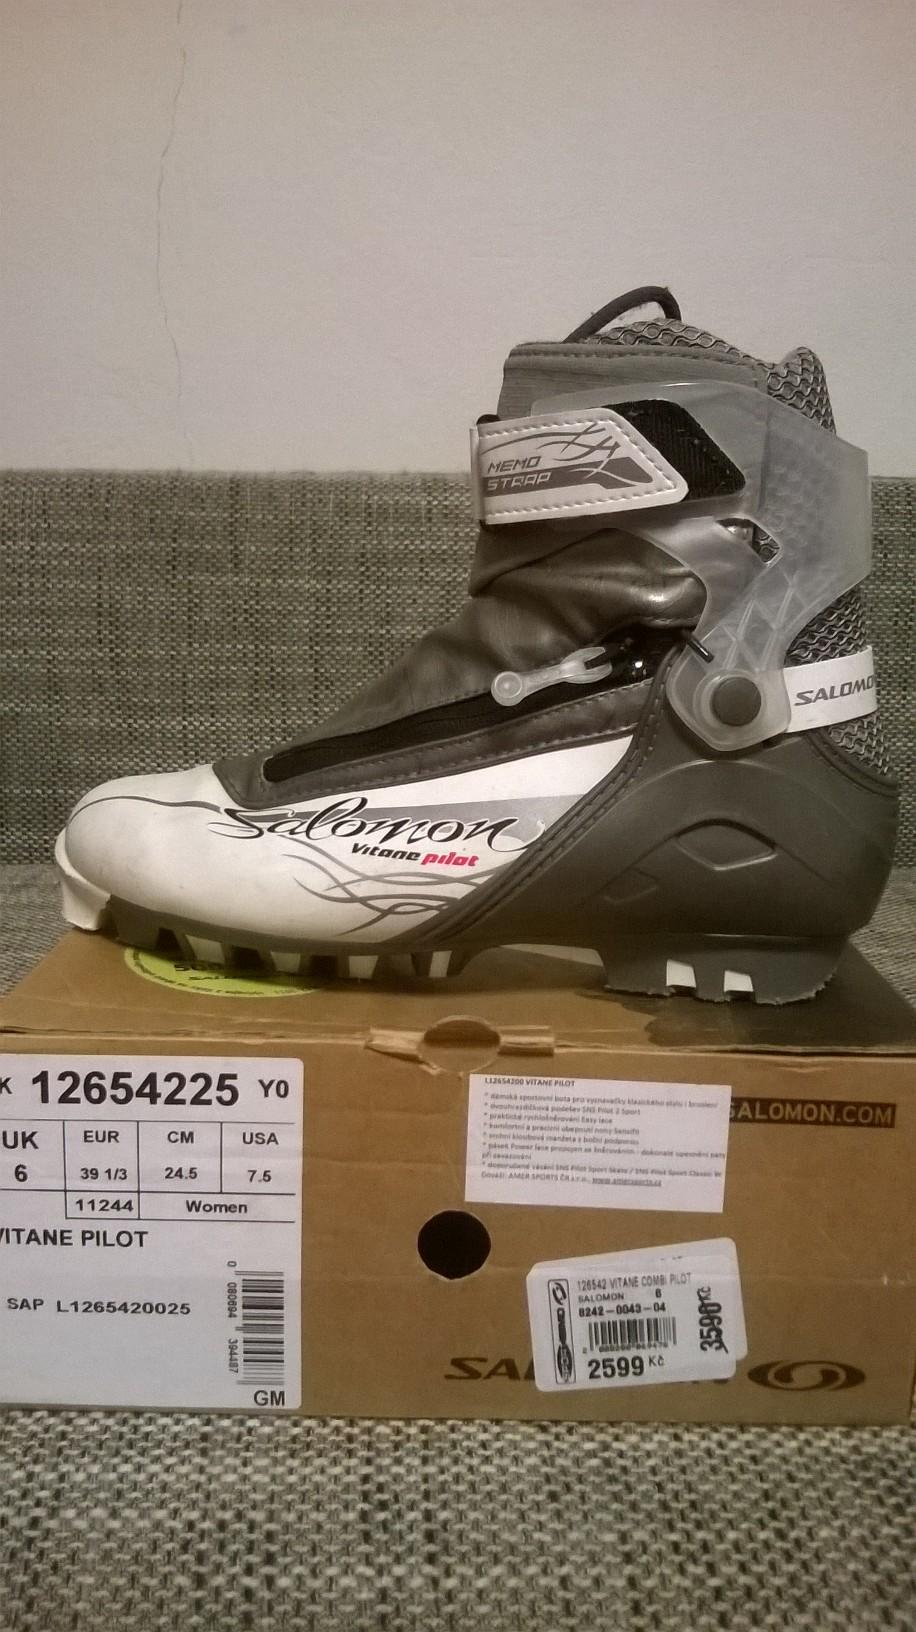 dámské COMBI boty na běžky Salomon Vitane Pilot - Bazar - Běžky.net ae9c287359